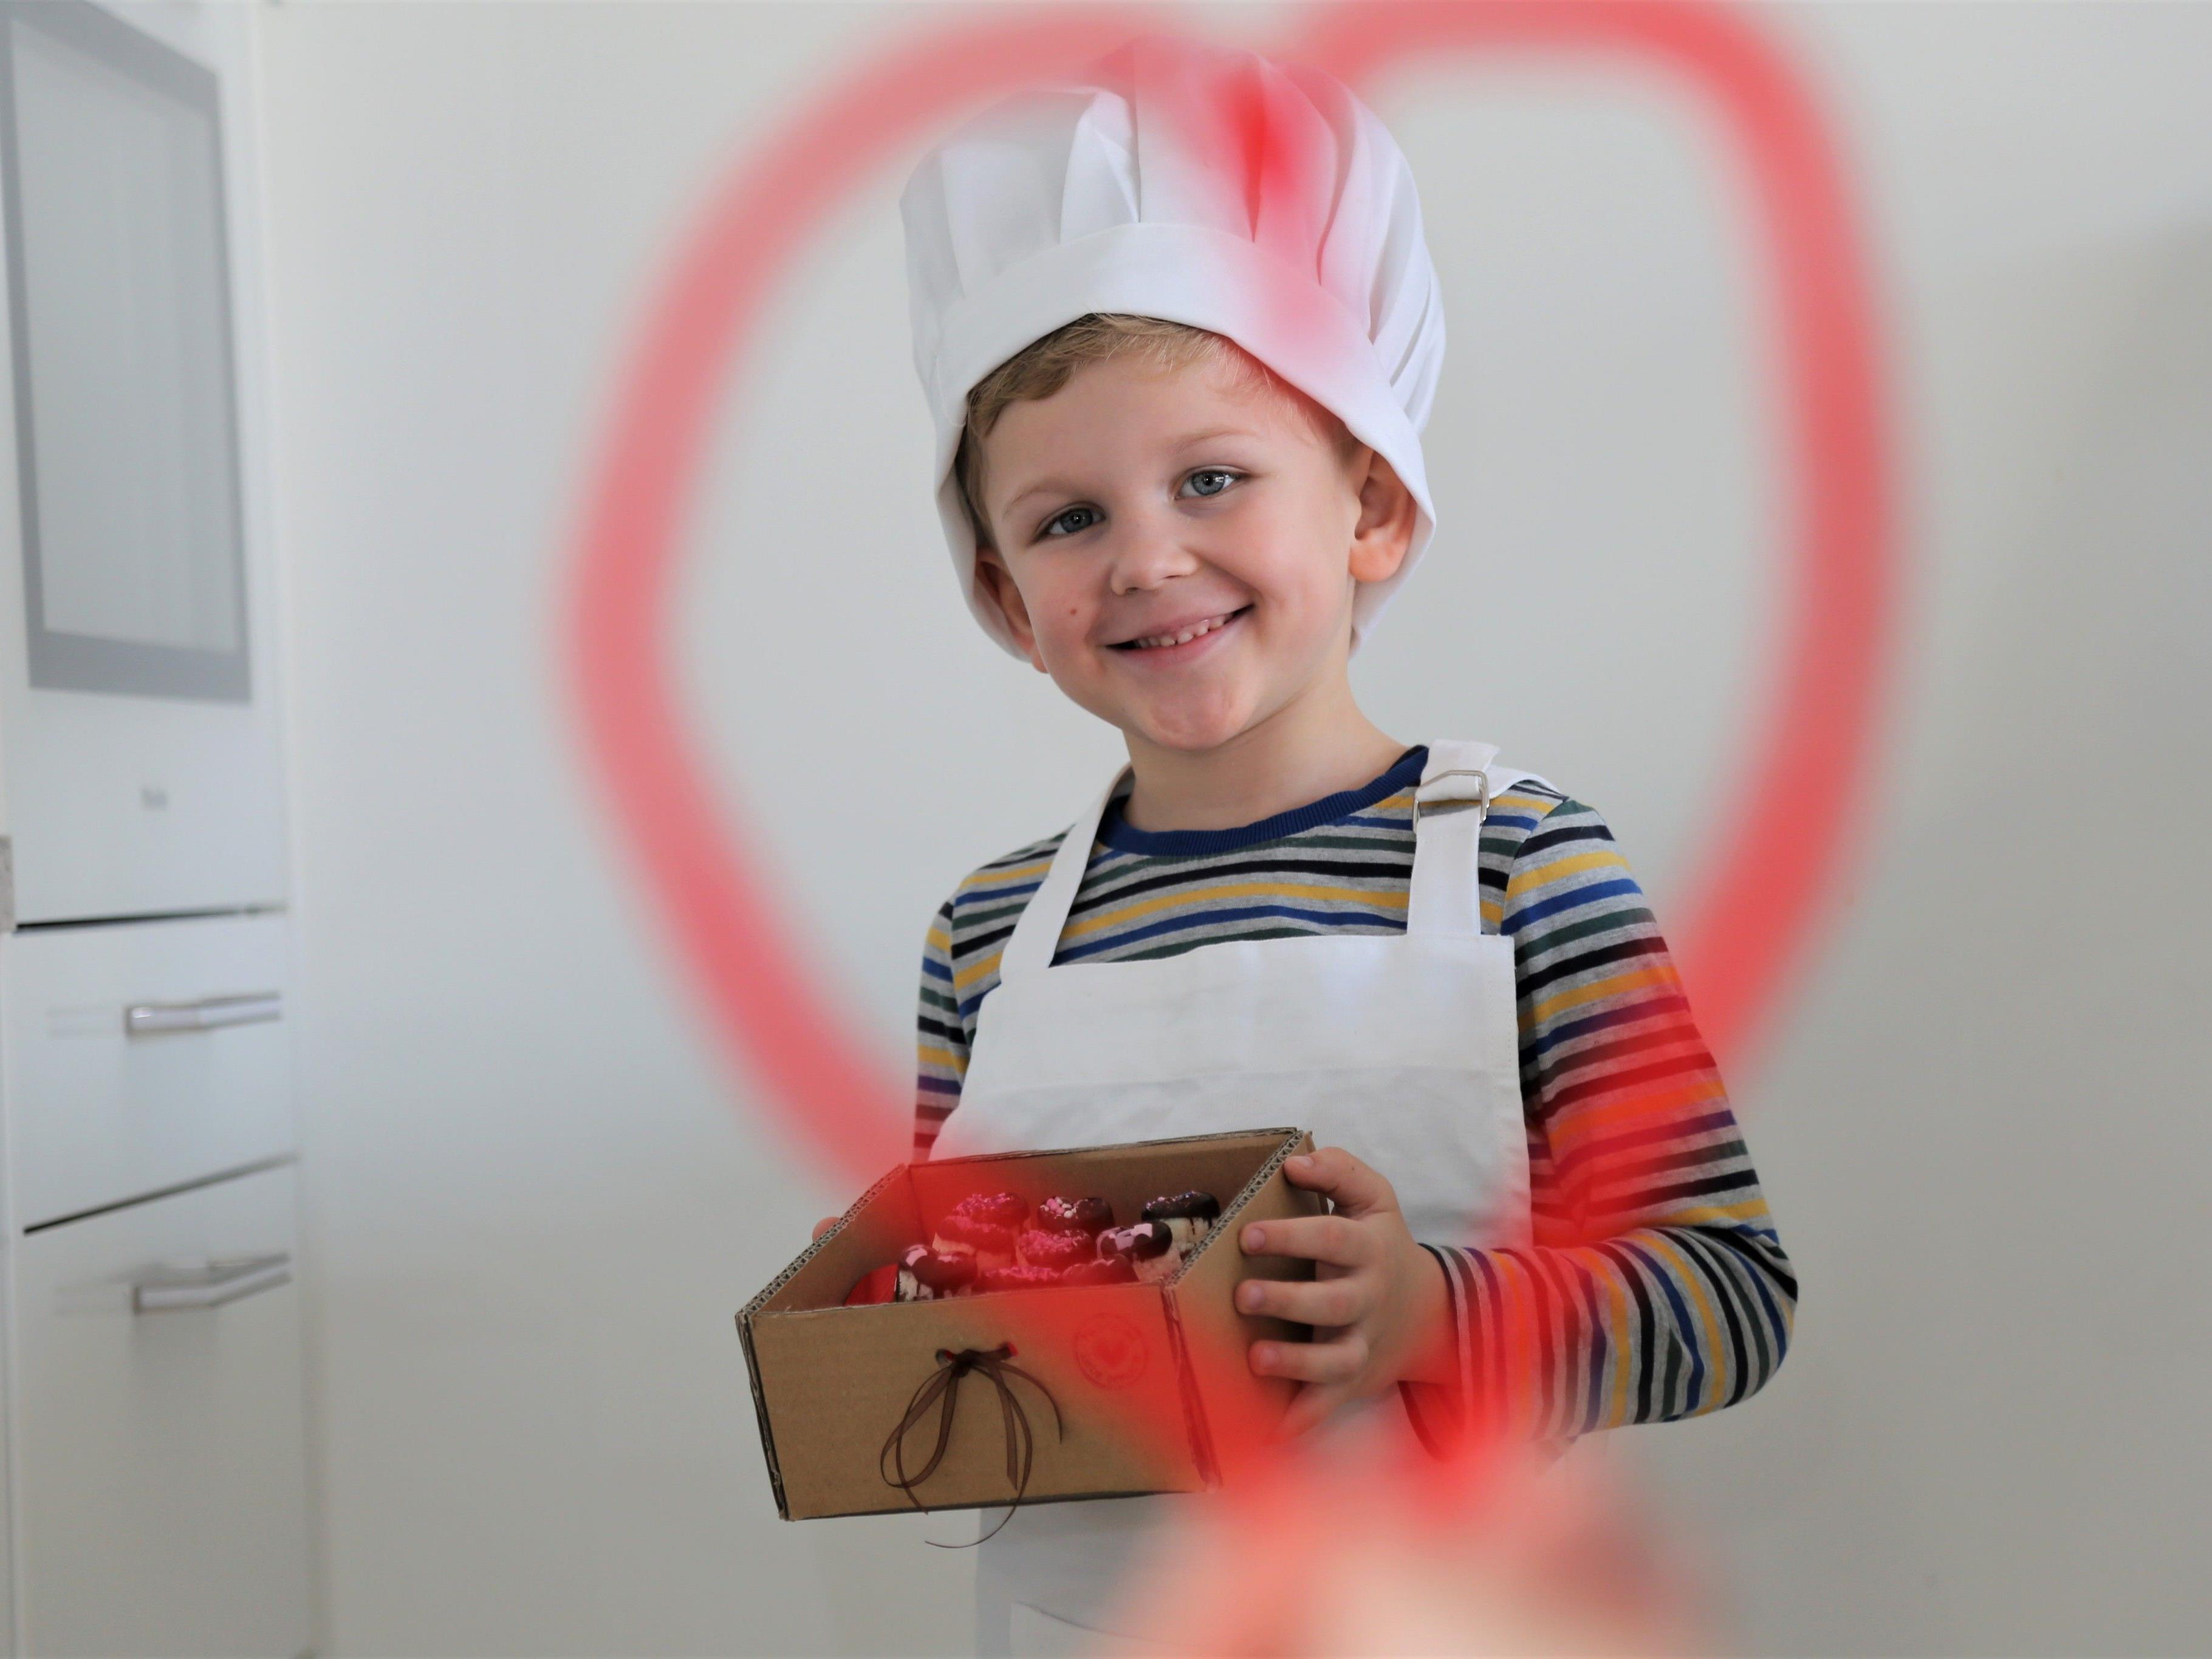 Alles Liebe zum Valentinstag wünscht dir Kinderreporter Jason Durell.